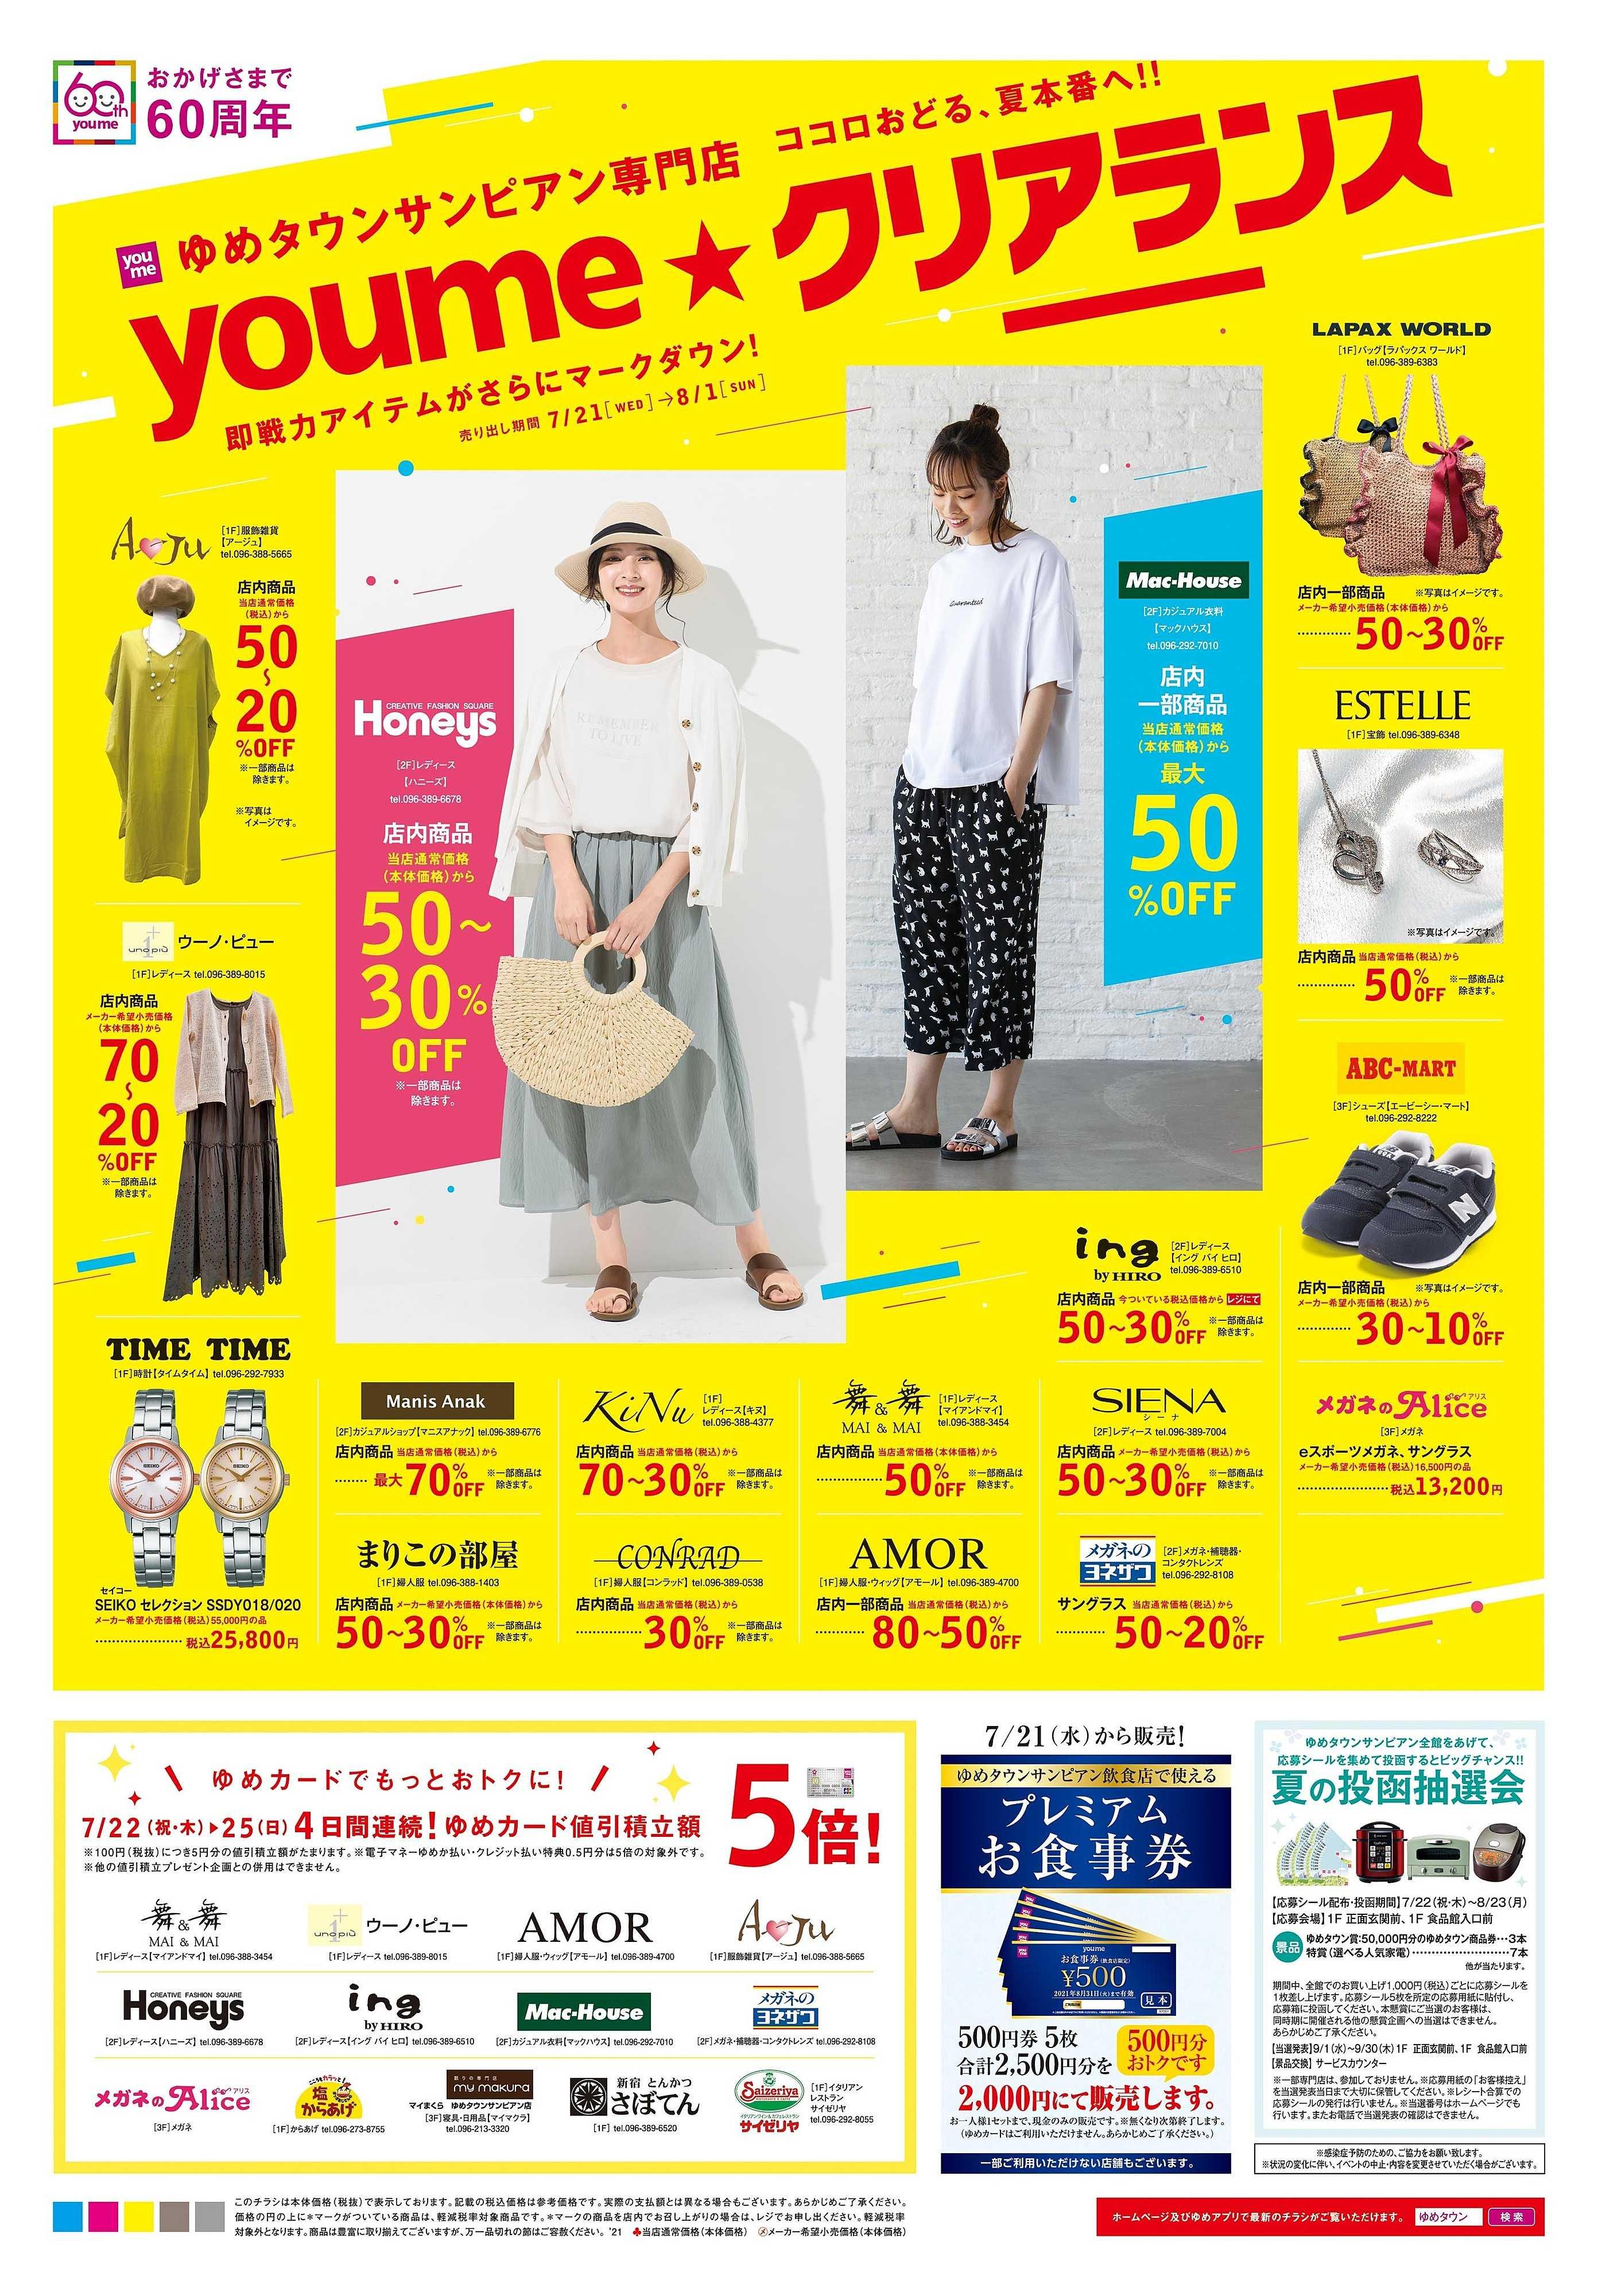 ゆめタウン 7/21(水)-8/1(日)